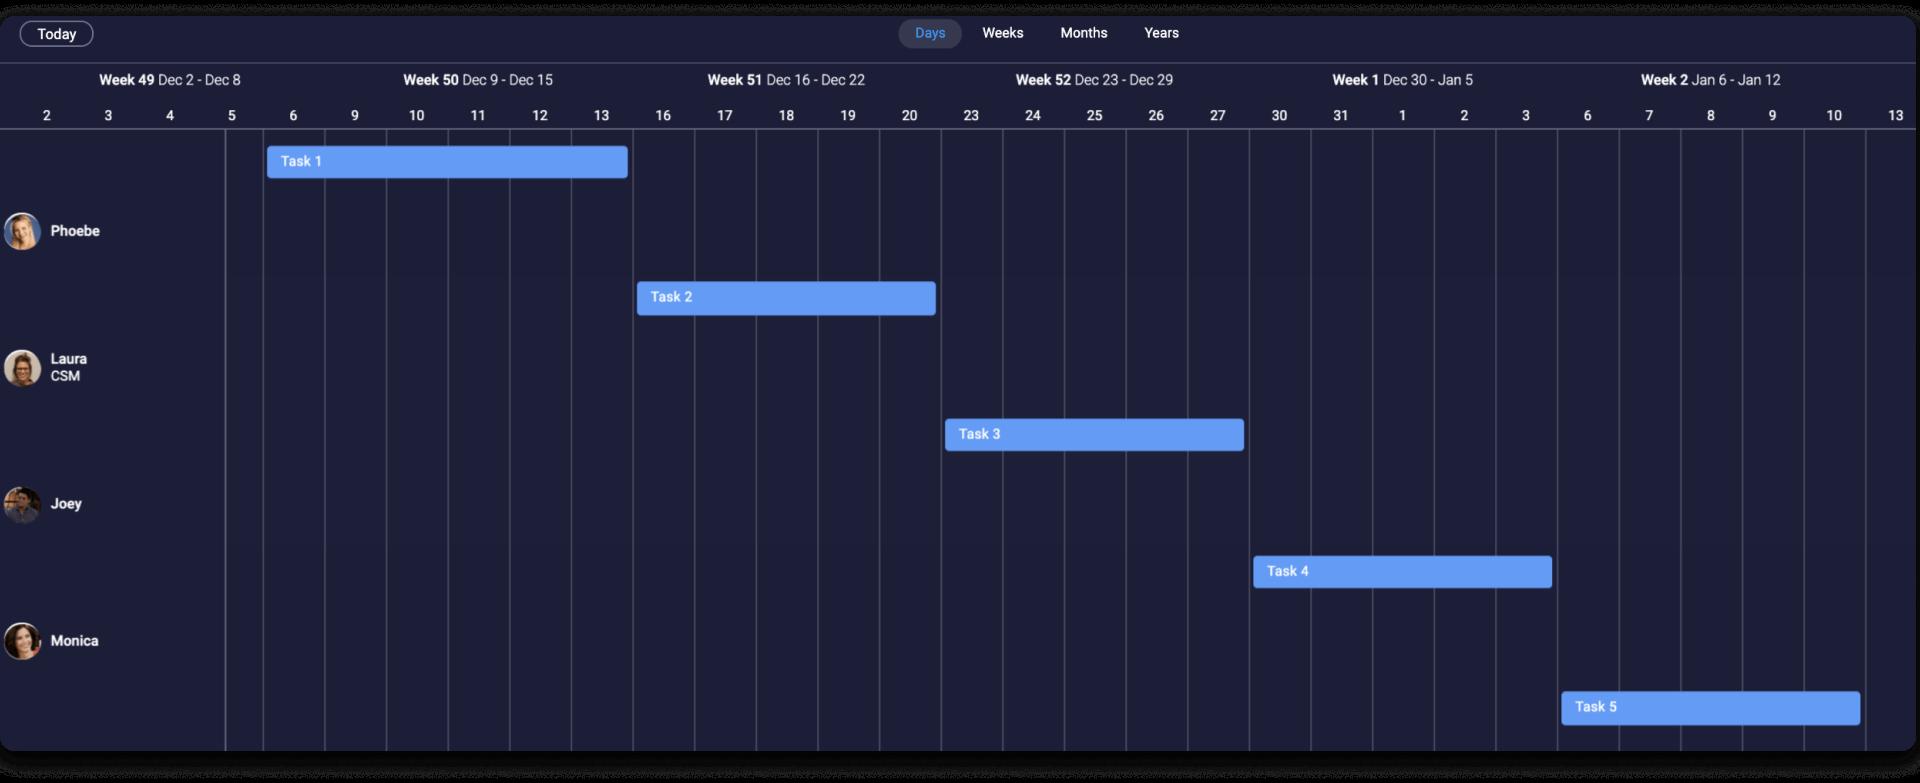 Gantt chart view in monday.com